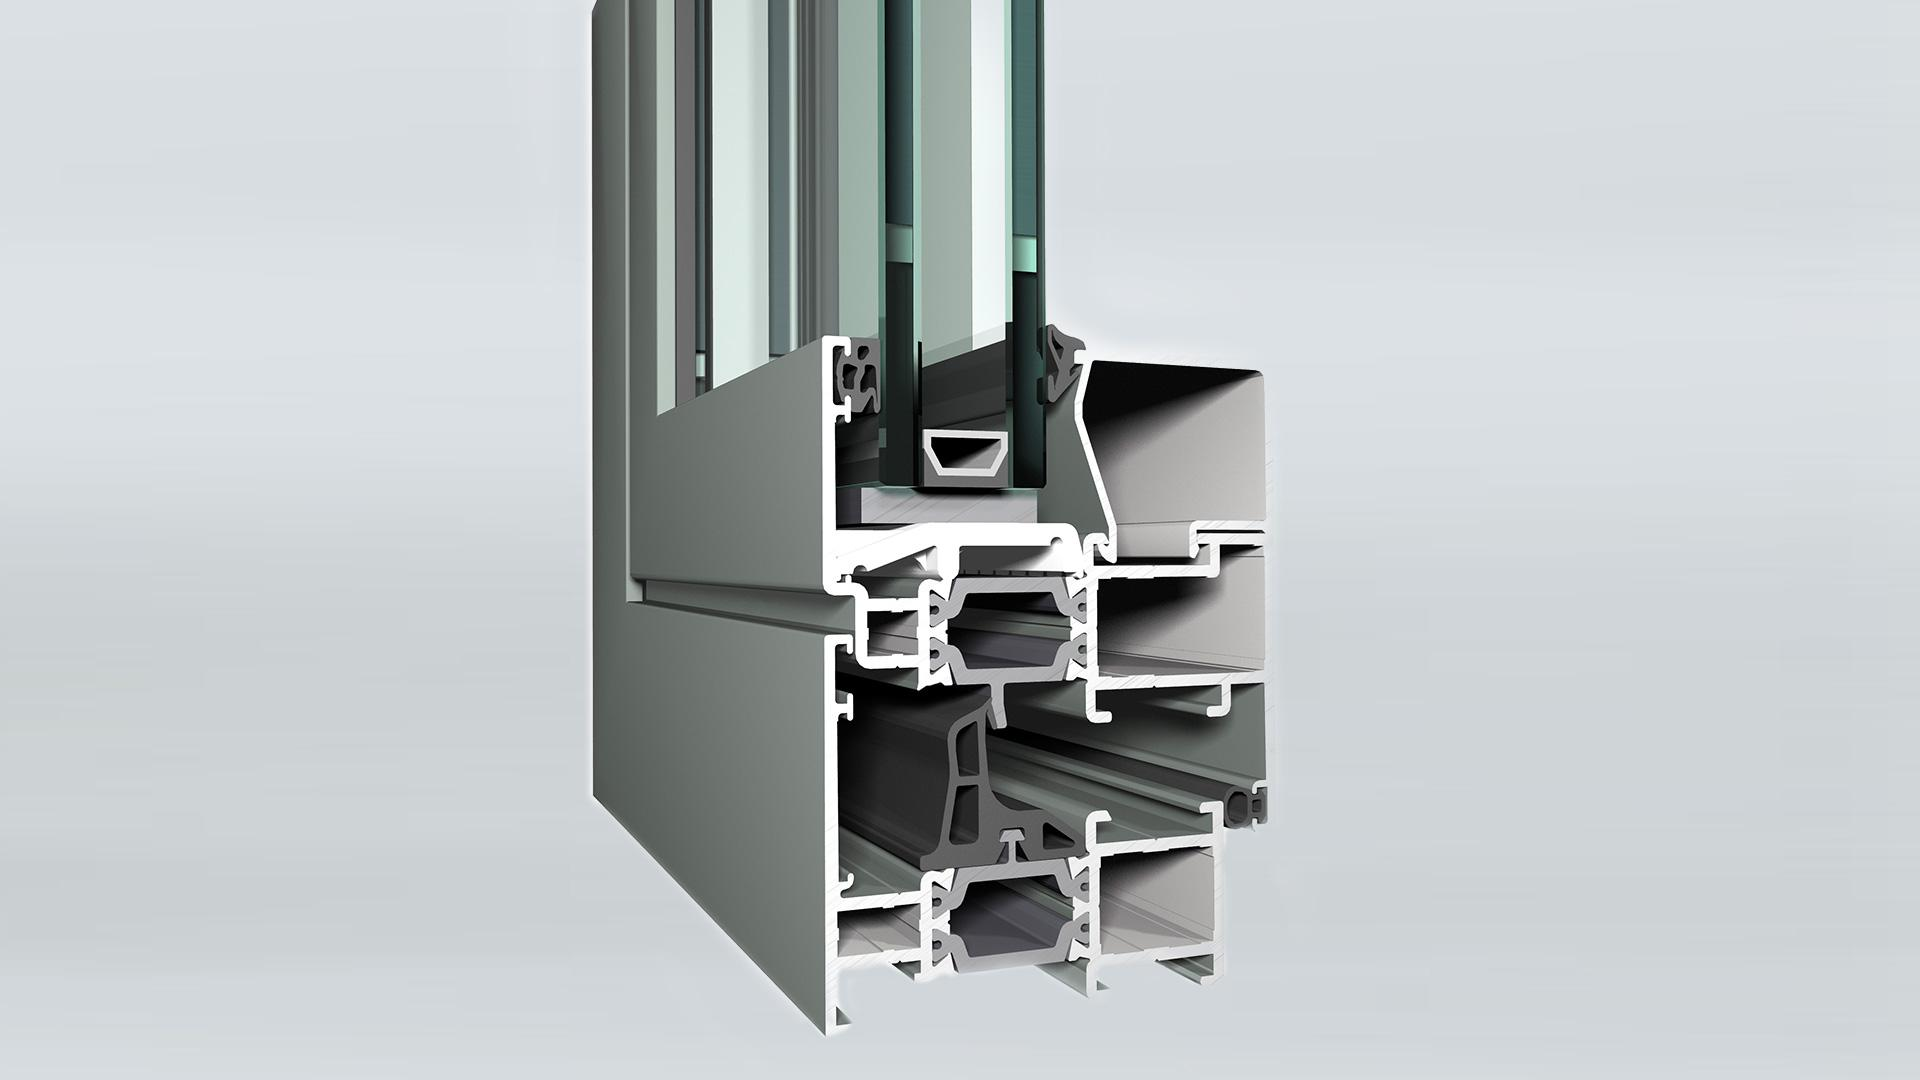 gro z gig schmale rahmen aluminiumfenster zeitgen ssisch benutzerdefinierte bilderrahmen ideen. Black Bedroom Furniture Sets. Home Design Ideas